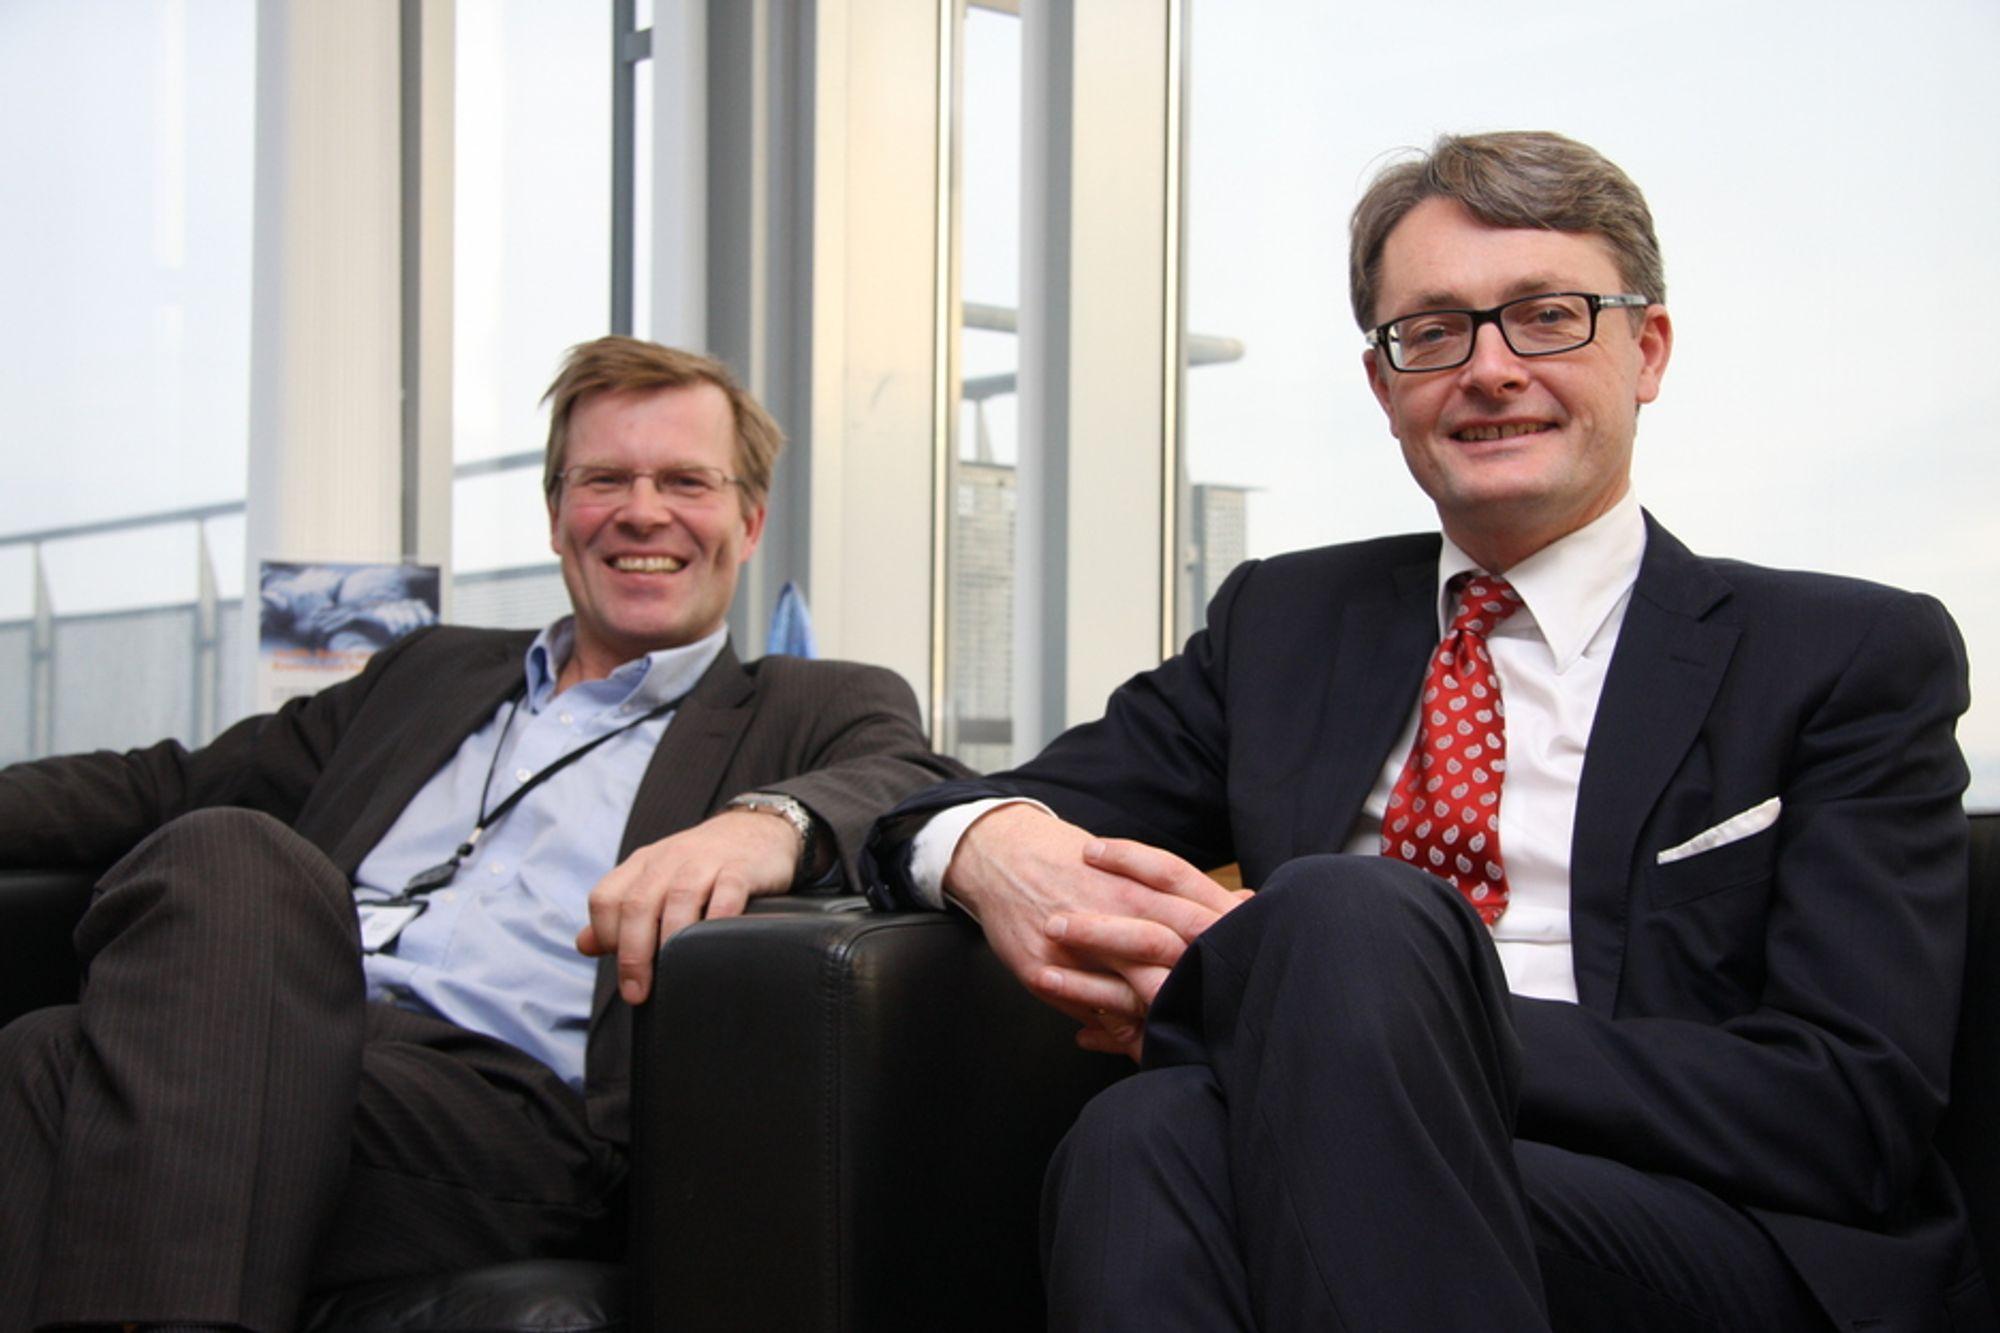 POSITIVT: Styreformann Øyvind Eriksen (t.h.) er godt fornøyd med første kvartal for Aker Solutions. Her sitter han sammen med selskapets CCO, Per Harald Kongelv.